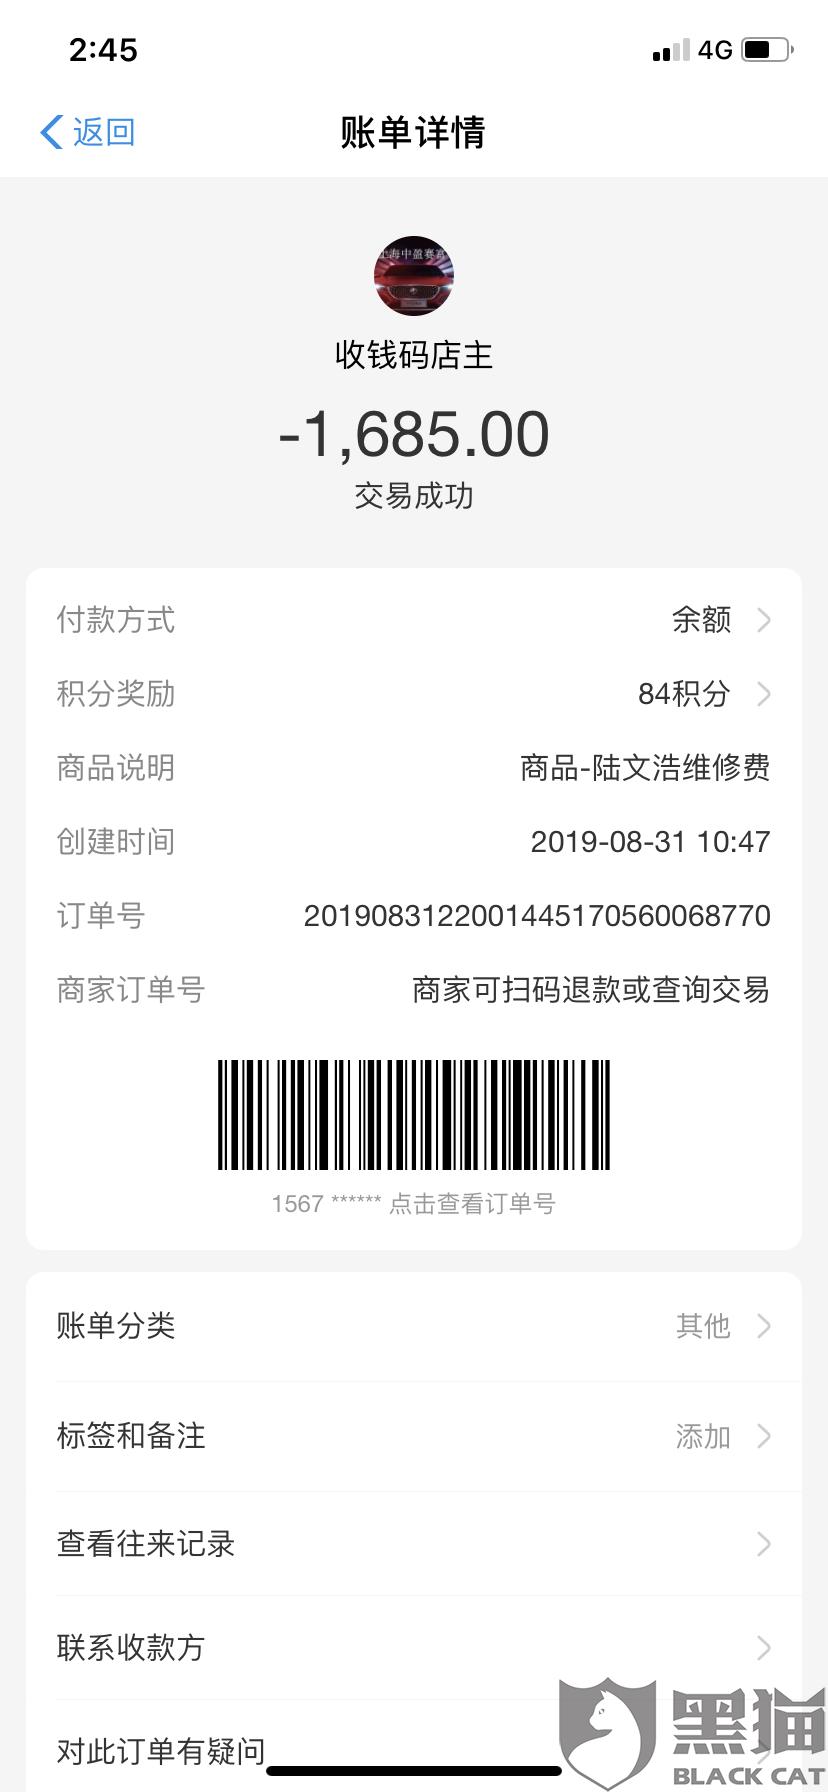 黑猫投诉:中盈赛富名爵4s店购买保养卡,现已倒闭,尚未退款